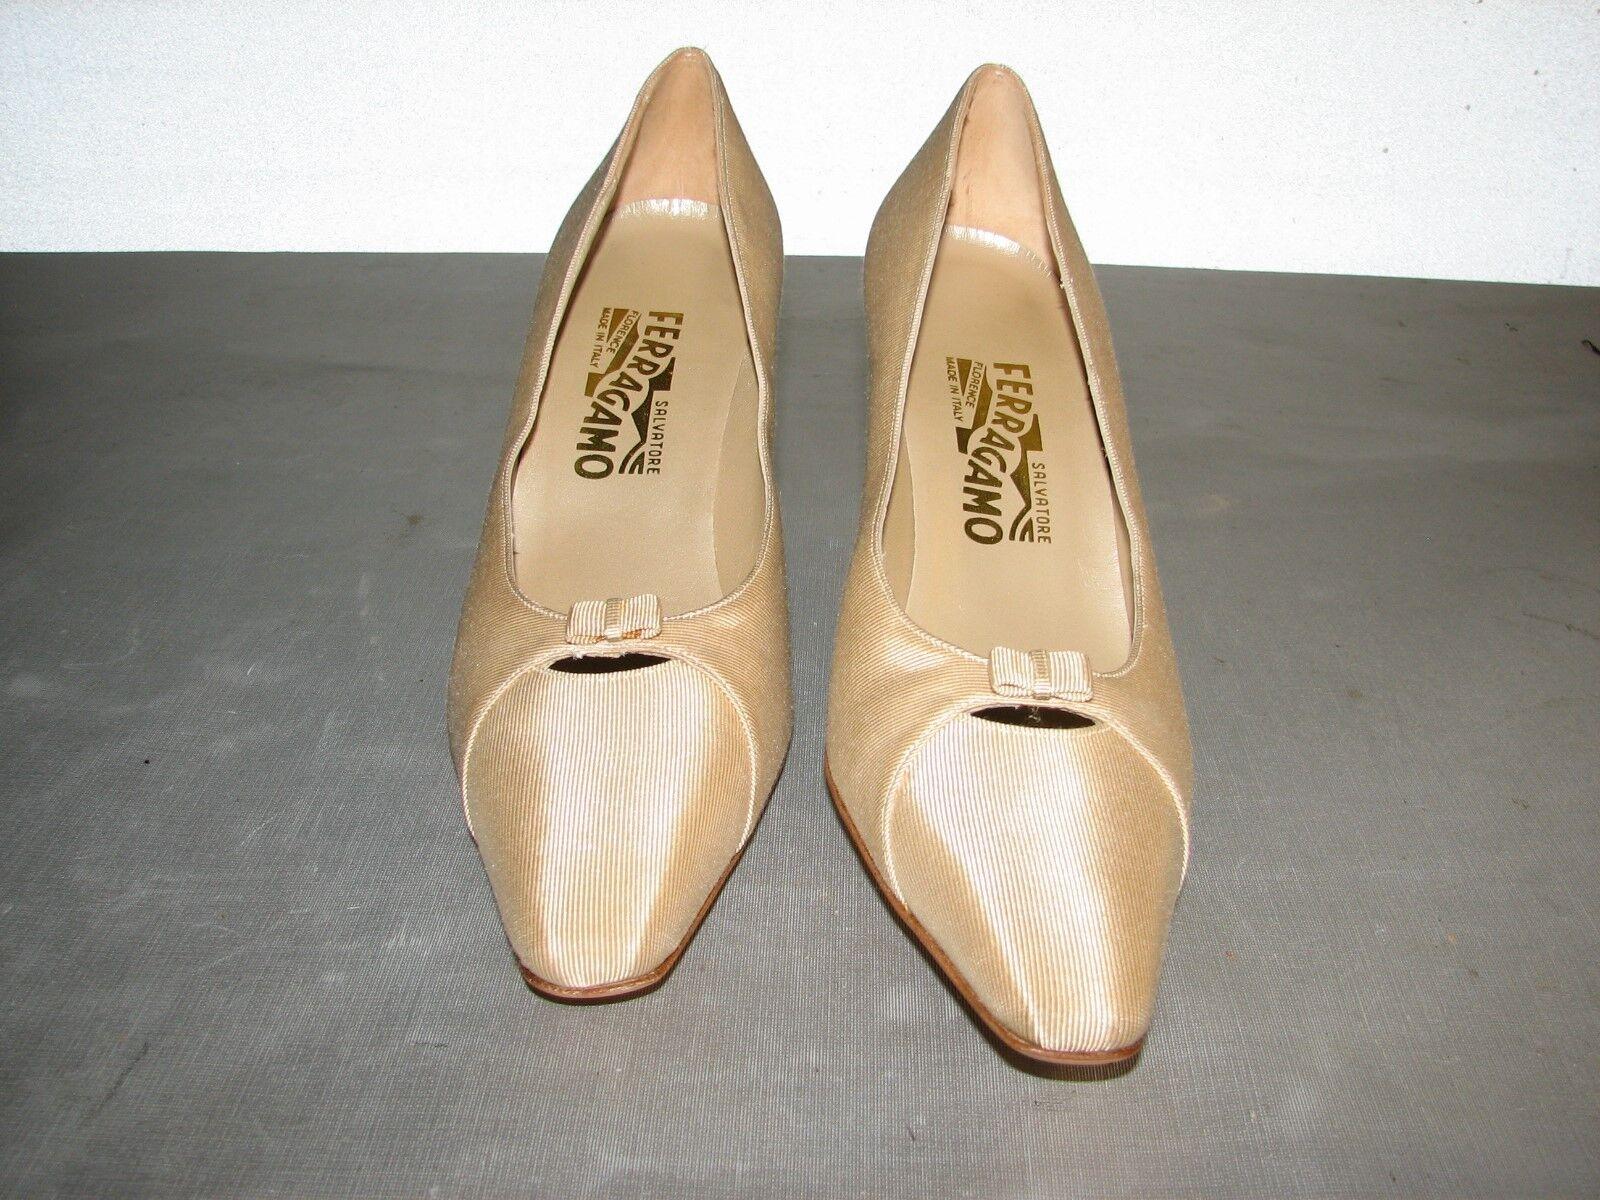 Nueva Nueva Nueva Salvatore Ferragamo Mujer Beis Tacones Zapatos raso 10 2A 5481d9